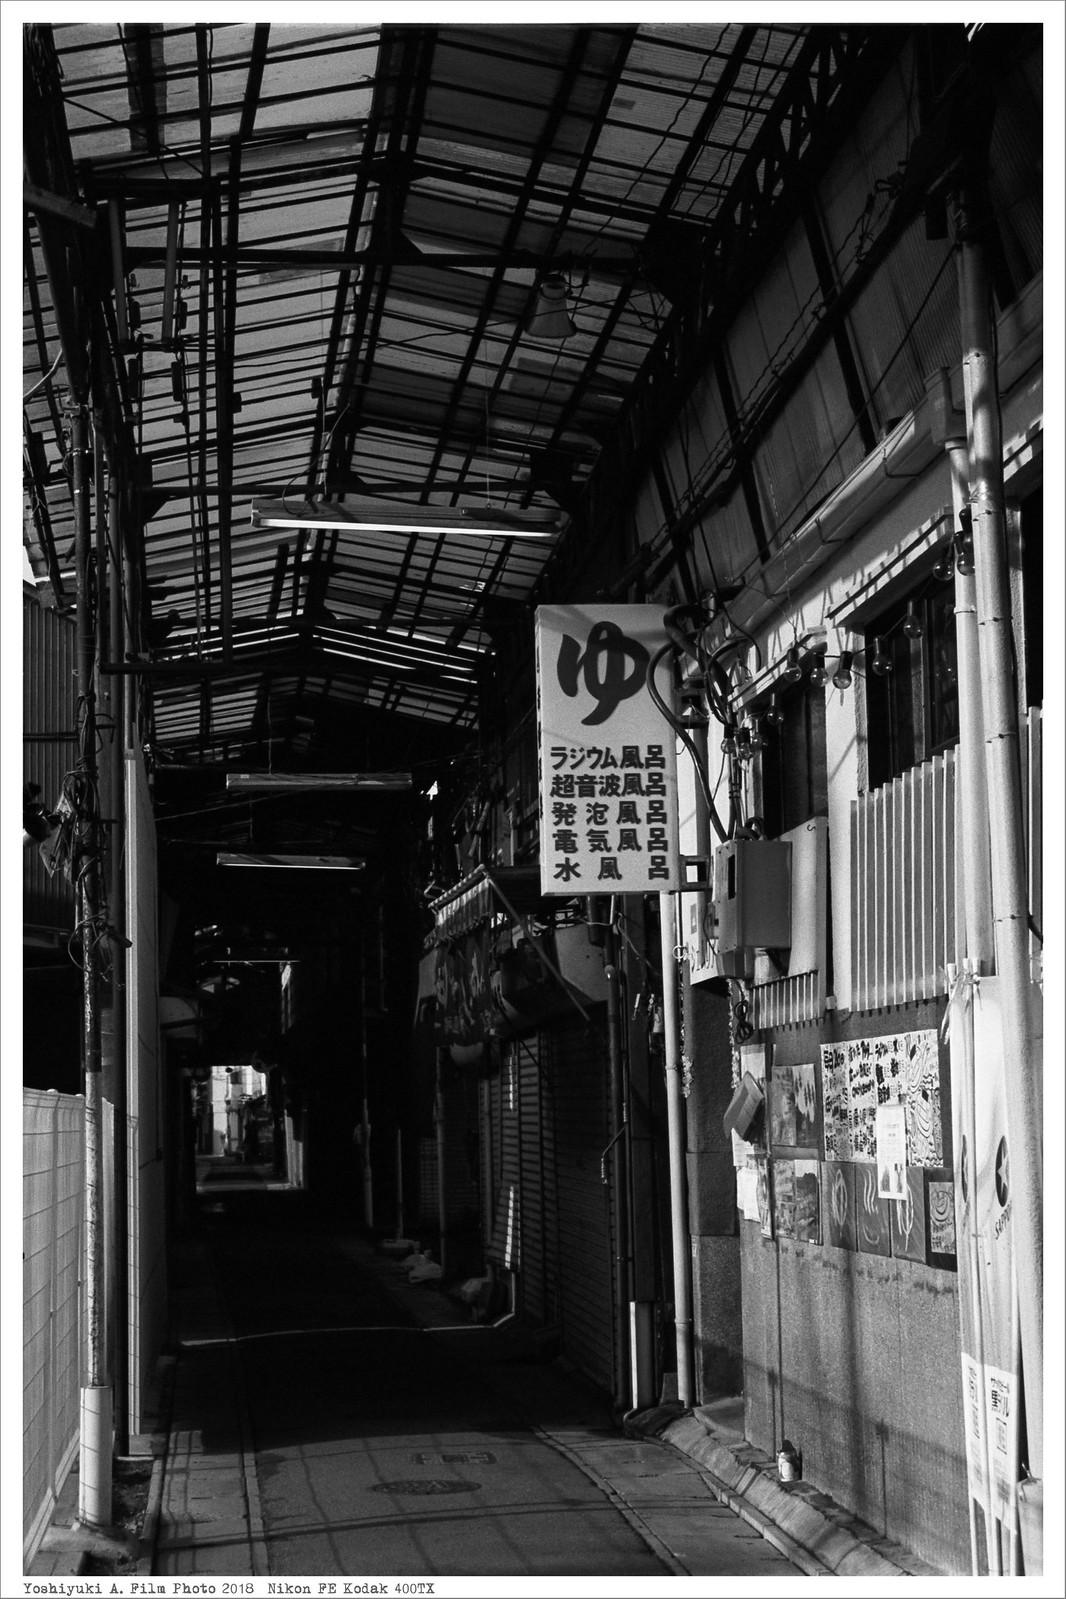 吉塚商店街 Nikon_FE_Kodak_400TX__04